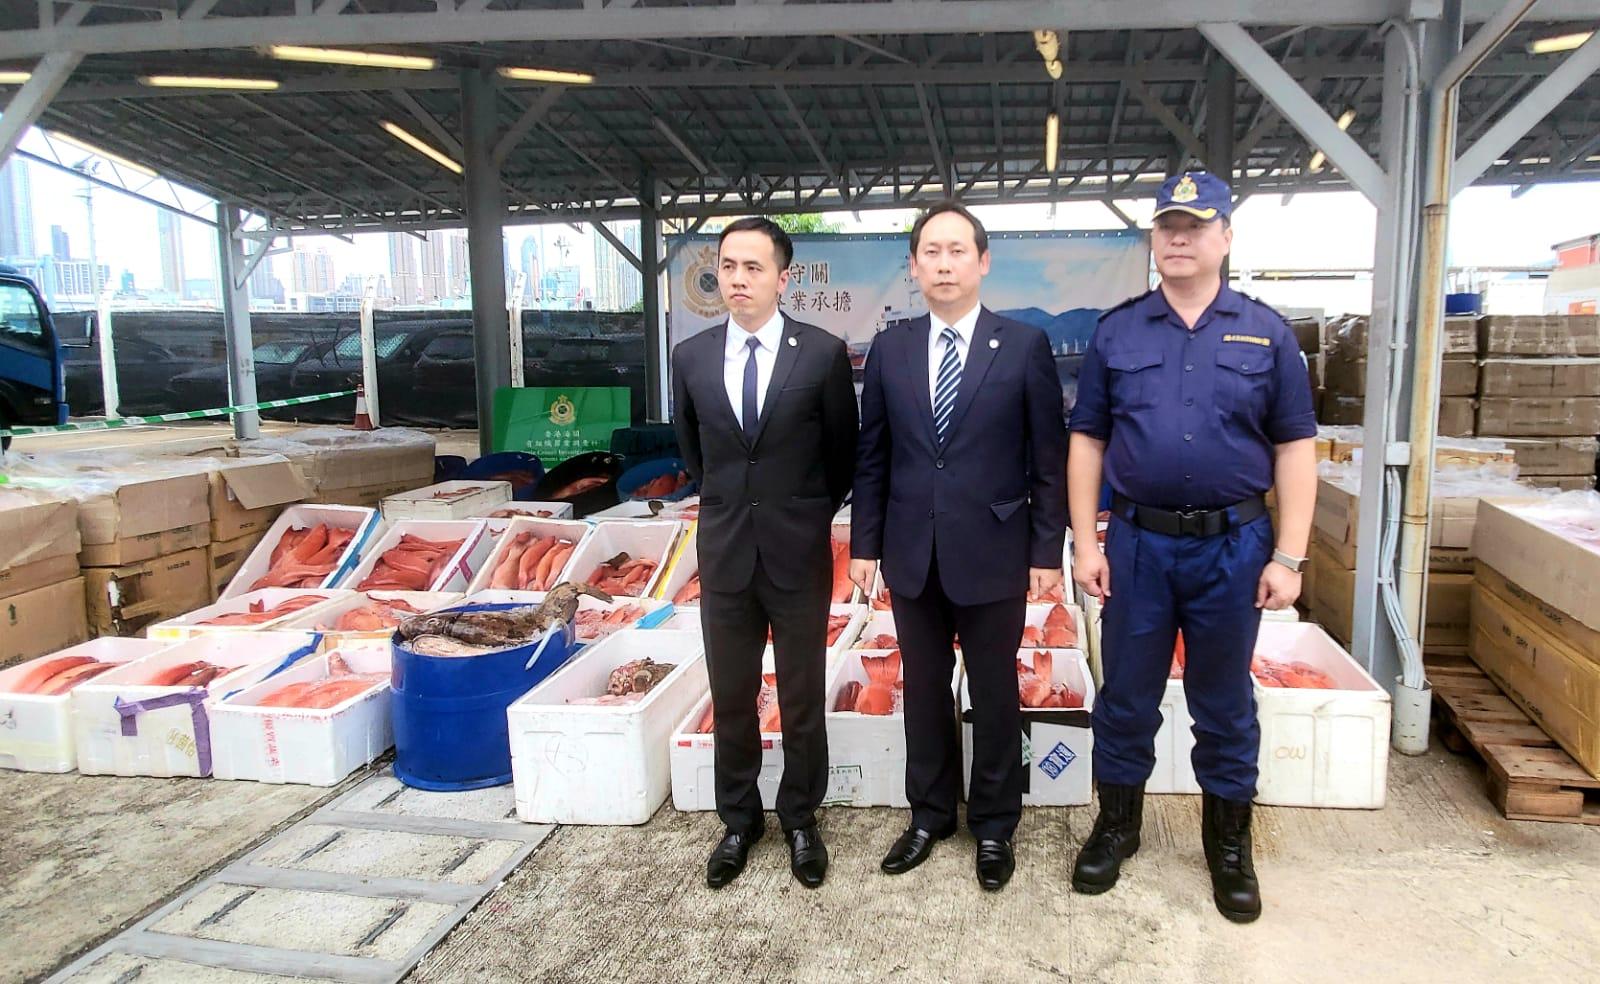 首破貴海鮮走私集團 海關檢100萬元冰鮮魚拘8男